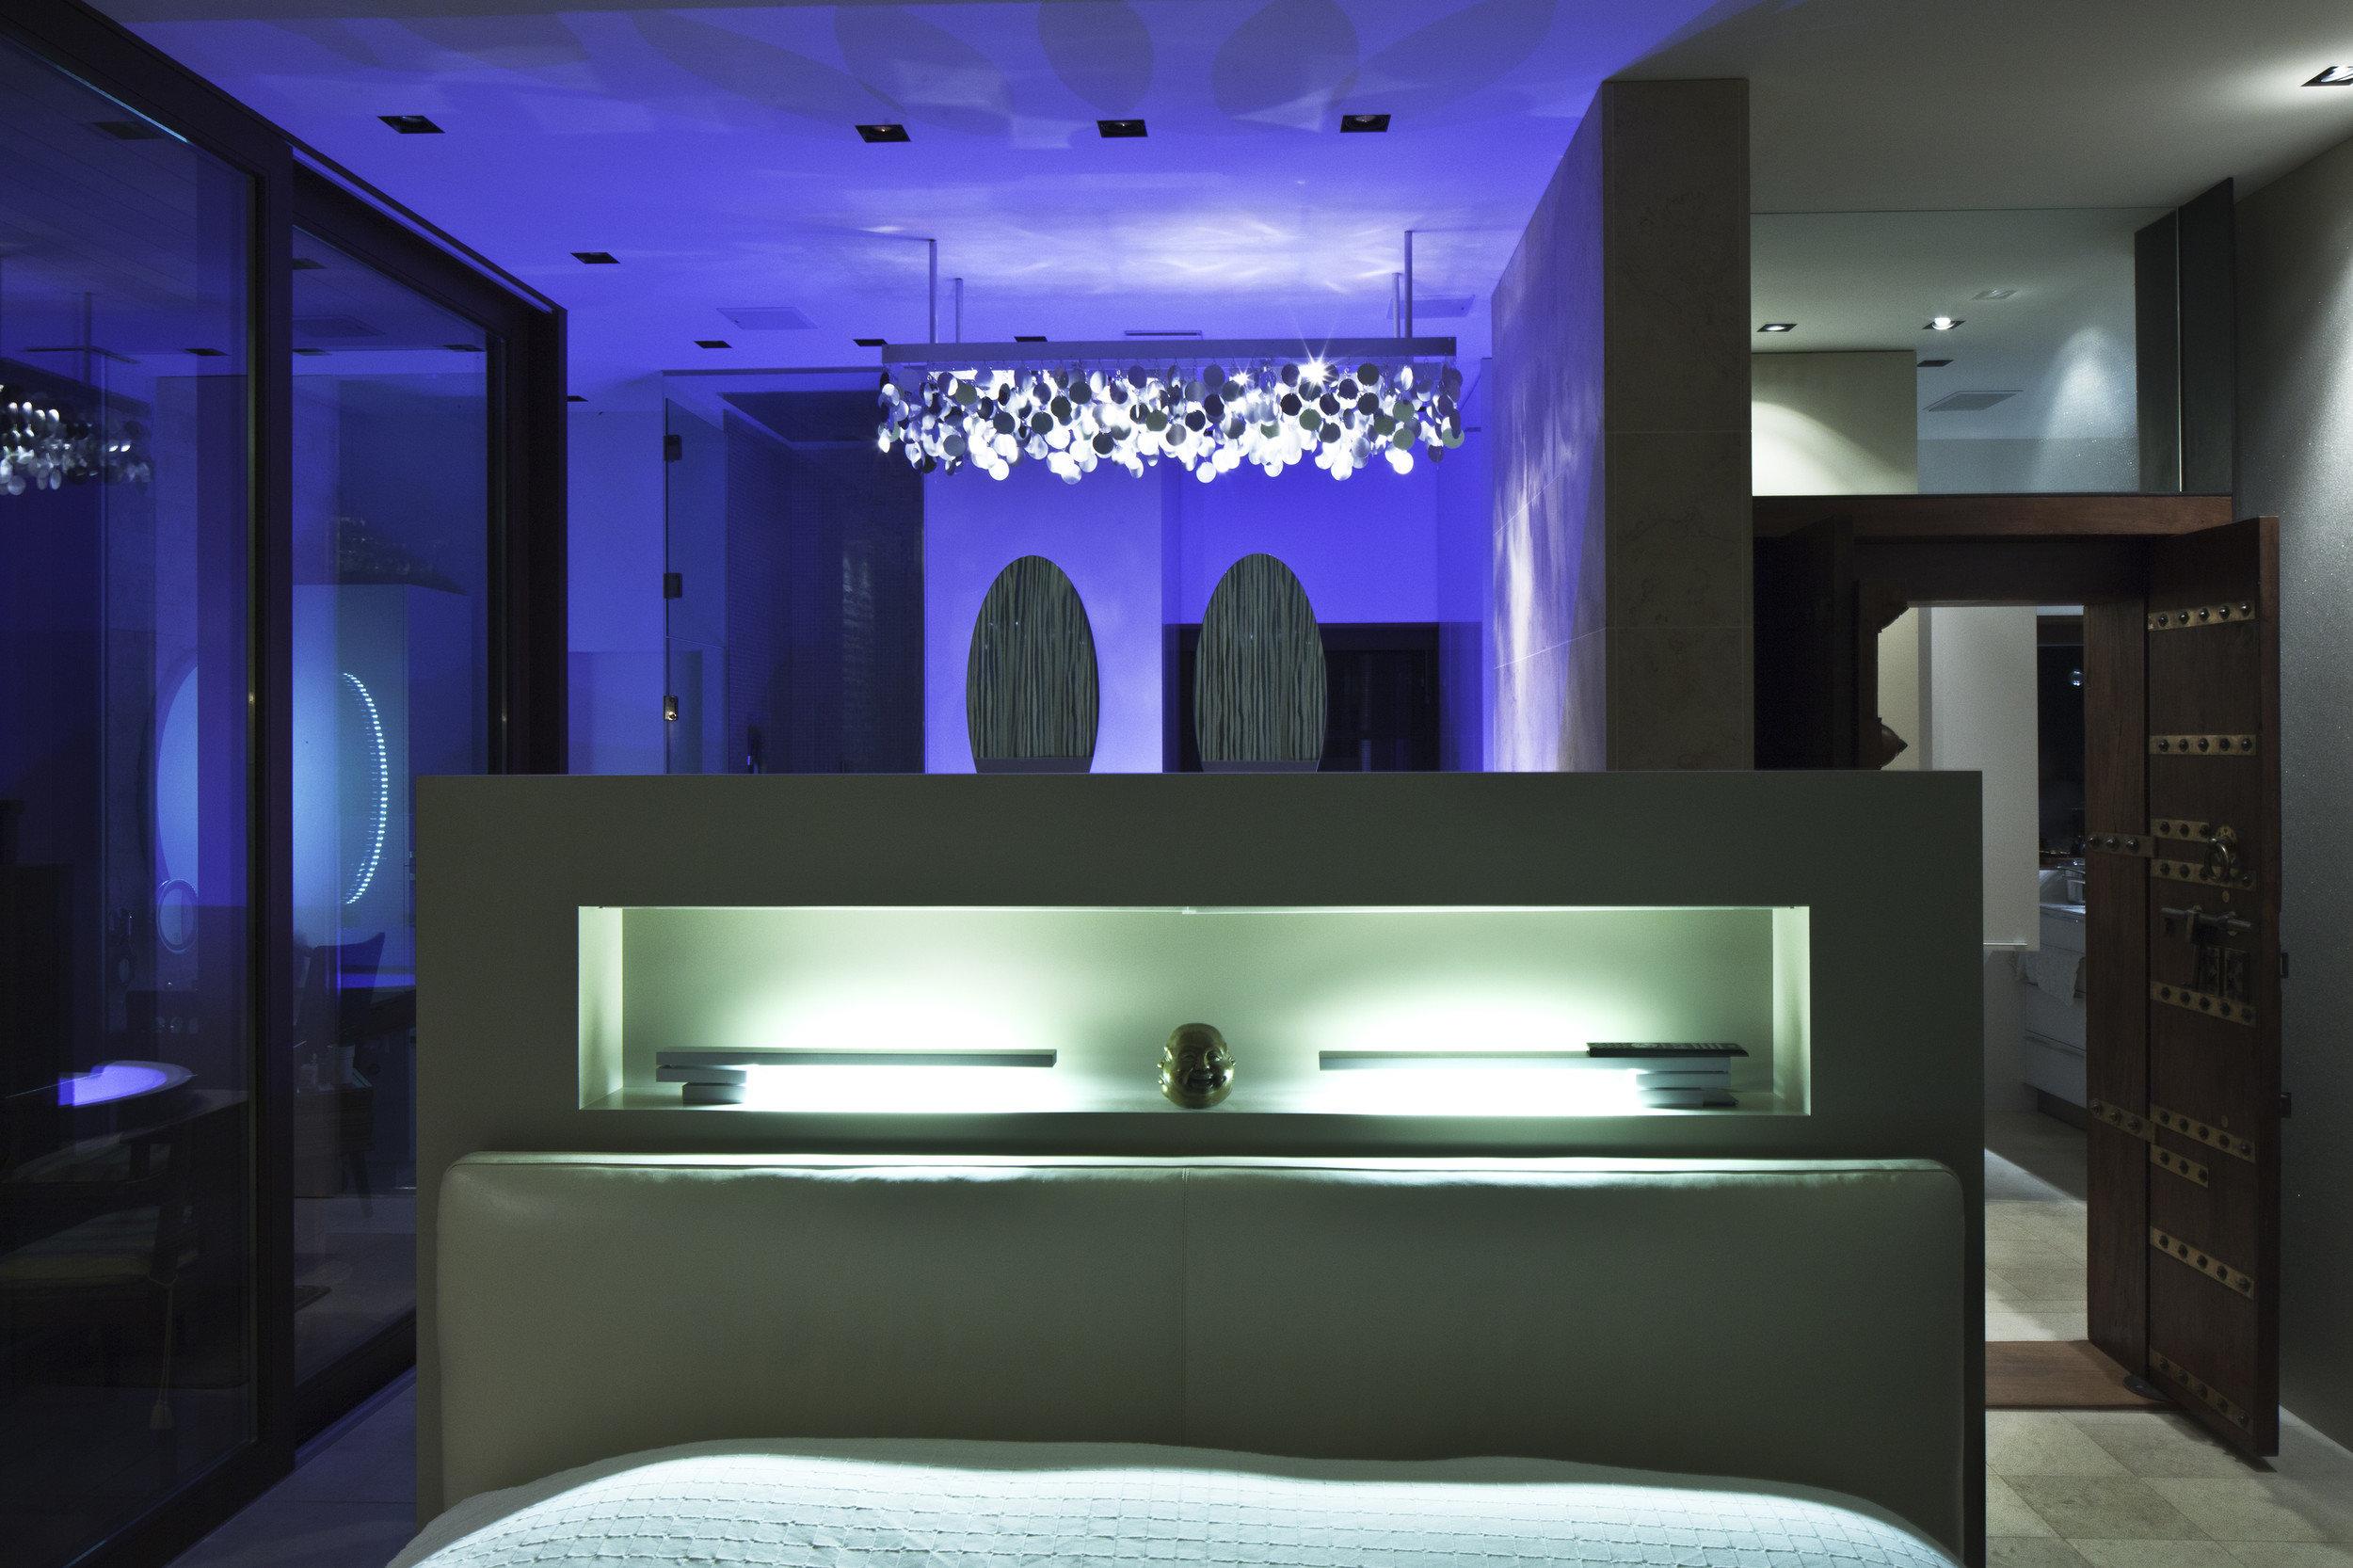 Wohnbereich mit moderner LED Beleuchtung